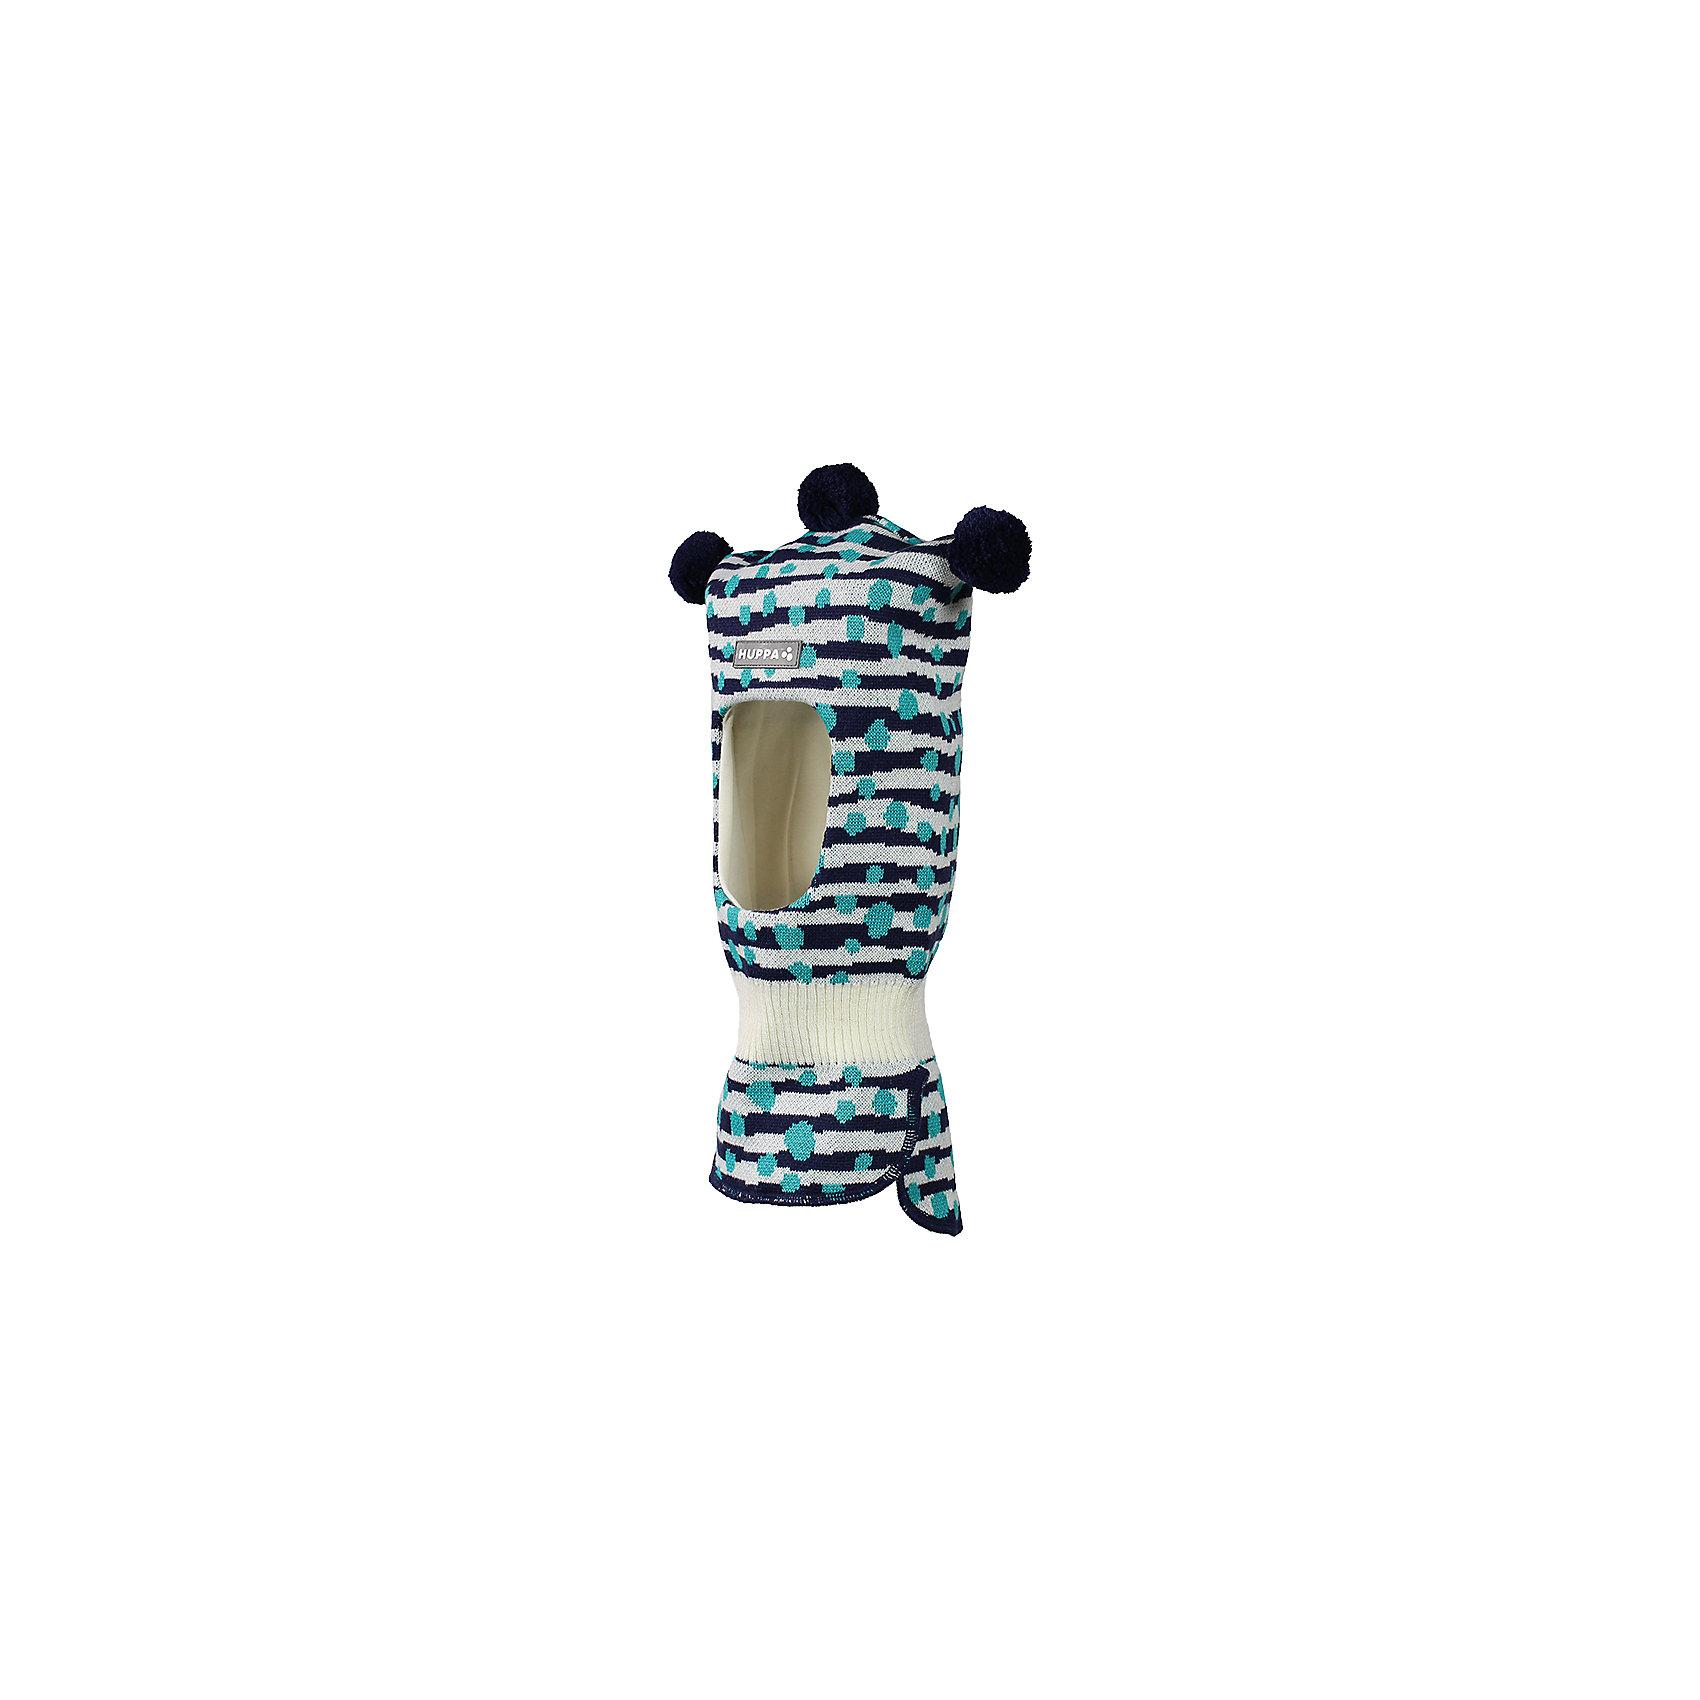 Шапка-шлем Huppa CocoЗимние<br>Характеристики товара:<br><br>• модель: Coco;<br>• цвет: синий в полоску;<br>• состав: 50% шерсть, 50% полиакрил;<br>• подкладка: 100% хлопок;<br>• сезон: зима;<br>• температурный режим: от +5 до - 30С;<br>• шапка с тремя помпонами сверху;<br>• особенности: вязаная, шерстяная;<br>• страна бренда: Финляндия;<br>• страна изготовитель: Эстония.<br><br>Шапка-шлем Хуппа с тремя помпонами. Подкладка выполнена из хлопкового трикотажа, наружная ткань - это 50% мериносовой шерсти и 50% акриловой пряжи. Шапка-шлем идеальна для ношения в зимние холода, потому что защищает шею и уши ребенка от холодного ветра.<br><br>Шапку-шлем Huppa Coco (Хуппа) можно купить в нашем интернет-магазине.<br><br>Ширина мм: 89<br>Глубина мм: 117<br>Высота мм: 44<br>Вес г: 155<br>Цвет: синий<br>Возраст от месяцев: 3<br>Возраст до месяцев: 12<br>Пол: Унисекс<br>Возраст: Детский<br>Размер: 43-45,47-49<br>SKU: 7029364